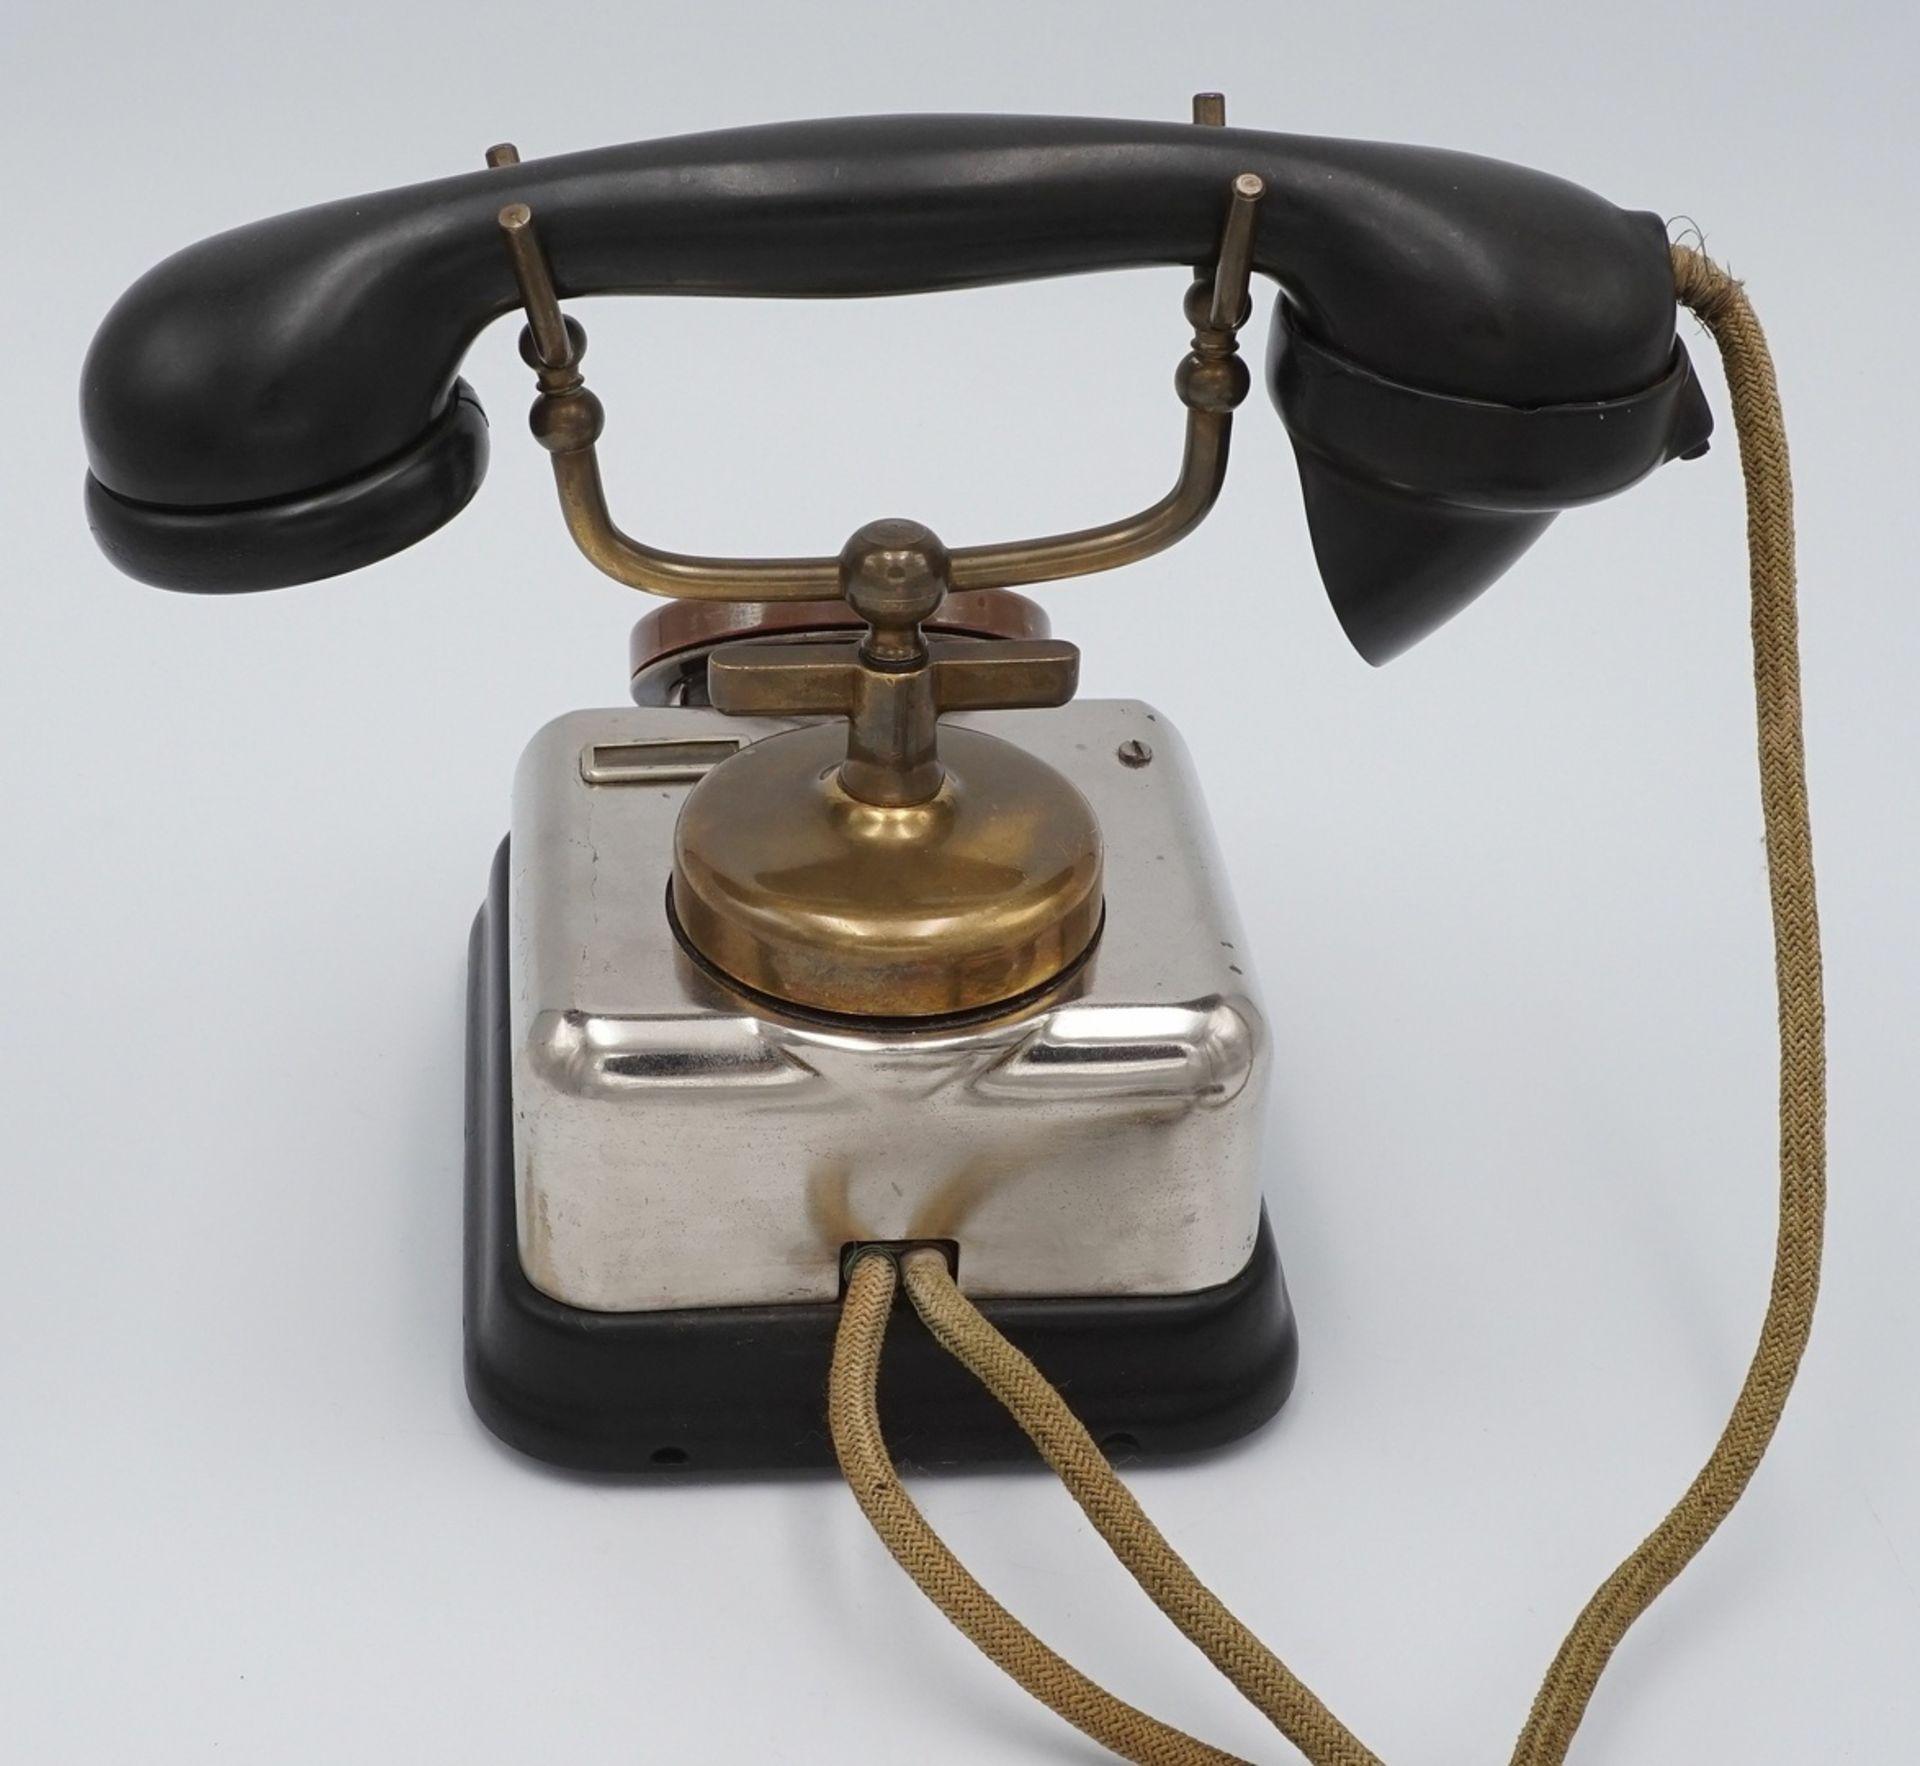 KTAS dänisches Telefon mit Wählscheibe, um 1930 - Bild 4 aus 4